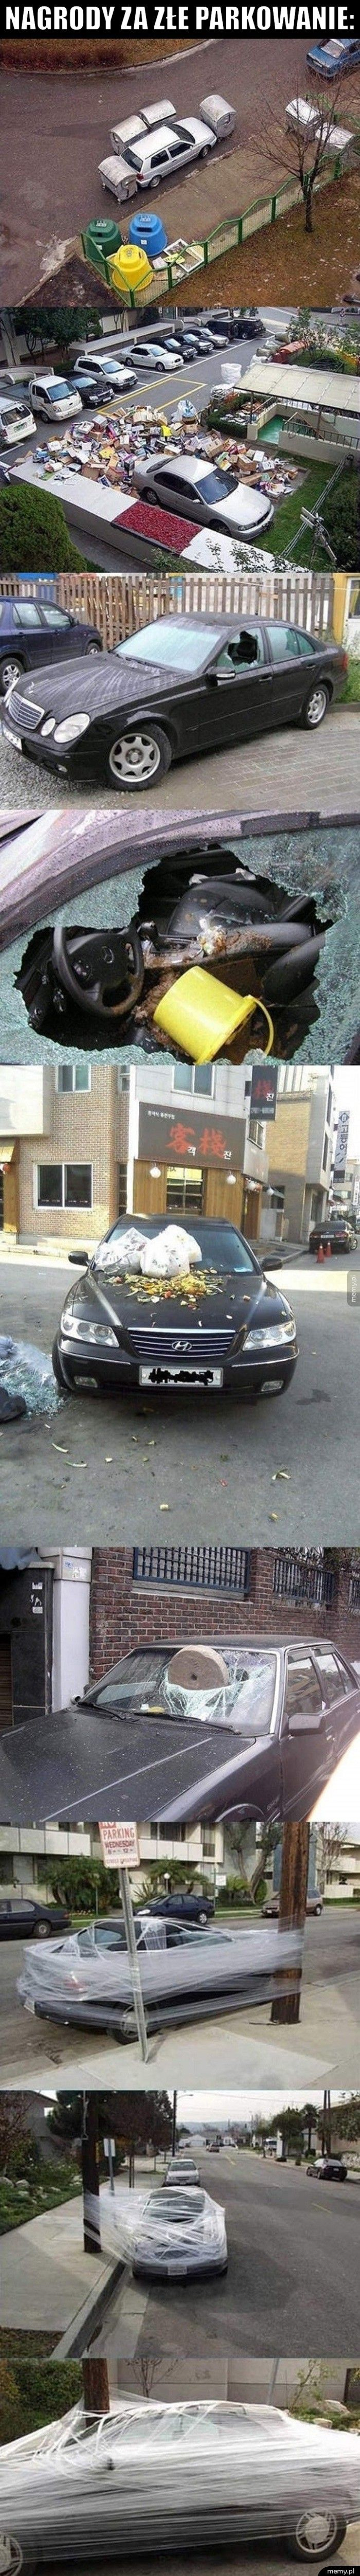 Nagrody za złe parkowanie